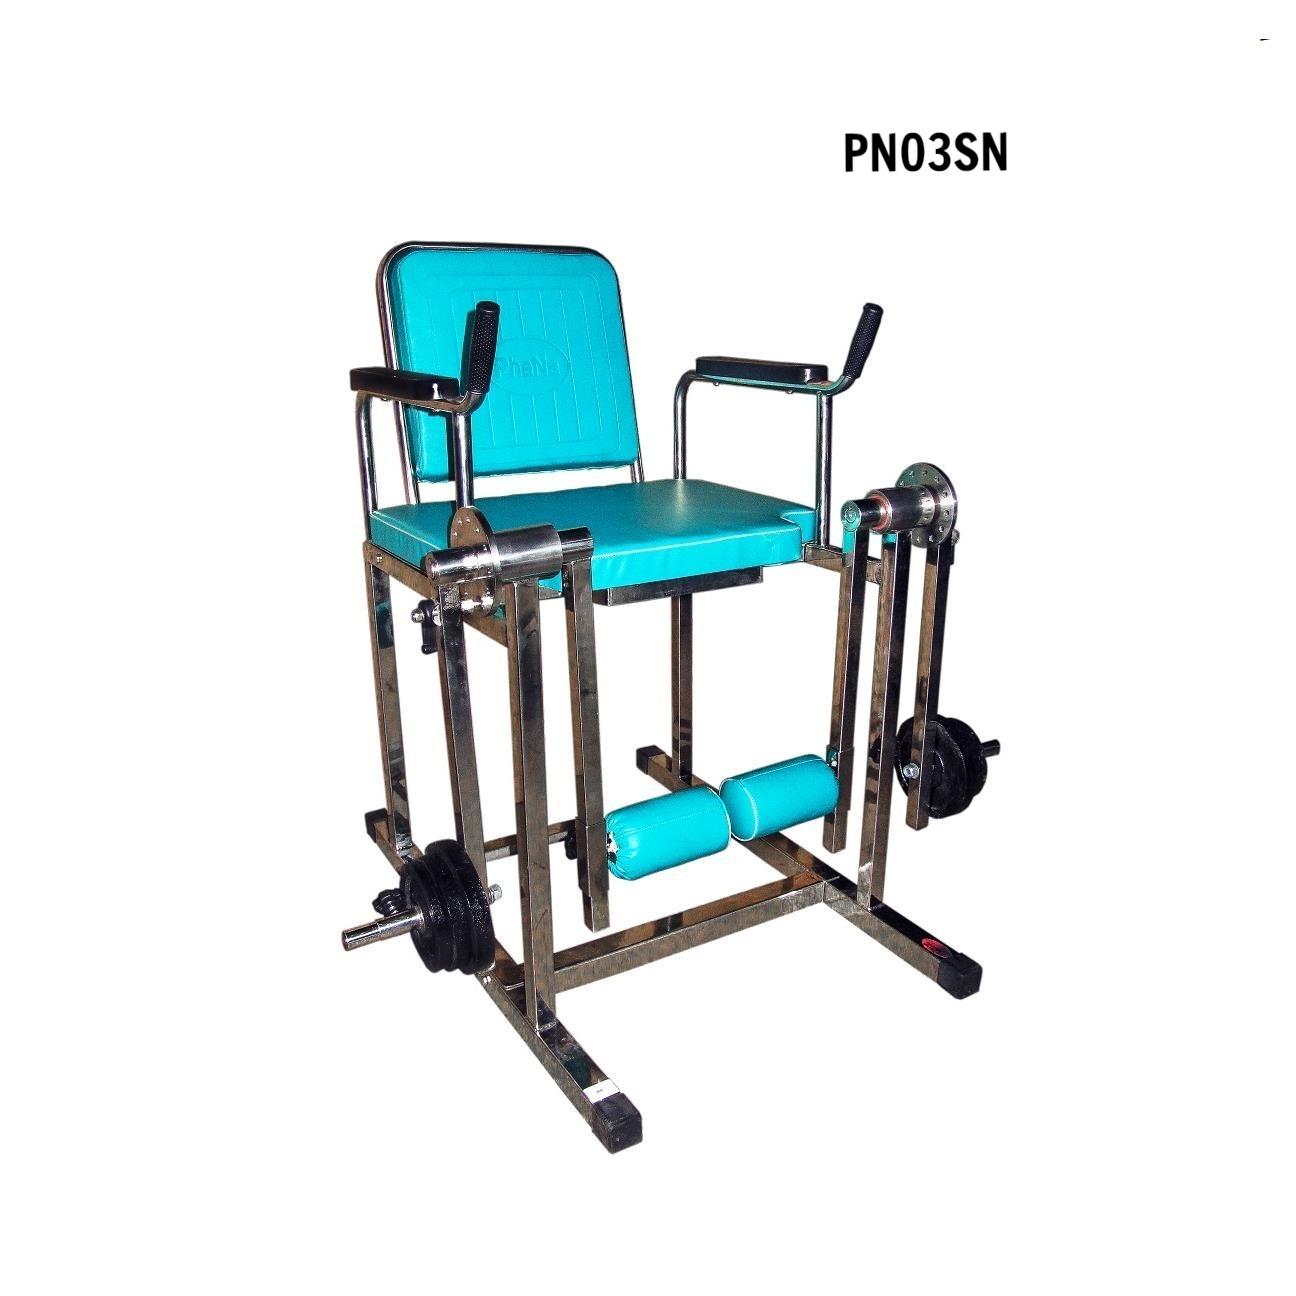 PN03SN - Ghế tập cơ đùi (nhỏ, sắt) - PHCN